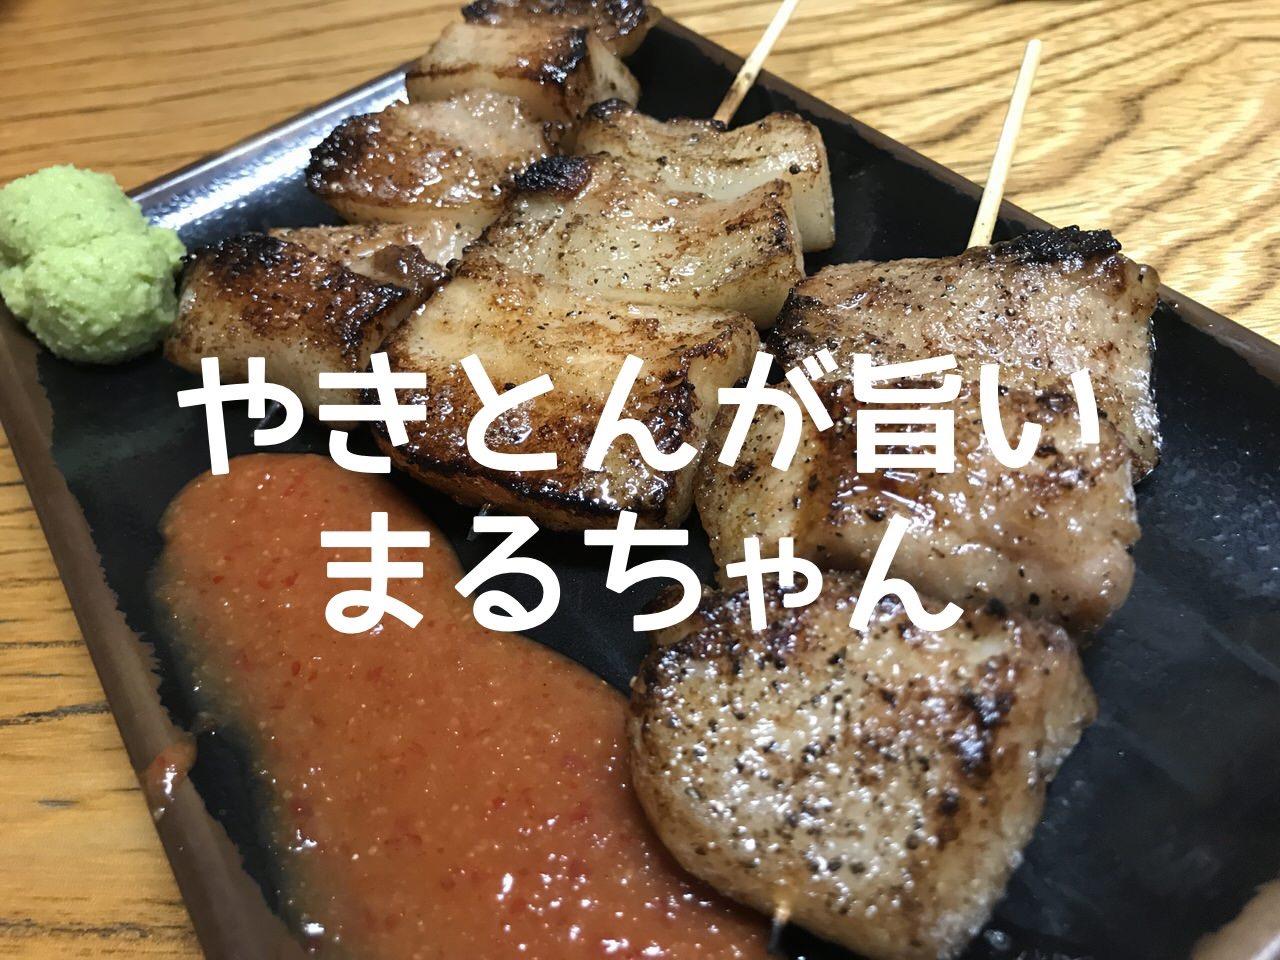 「もつ焼 まるちゃん」とにかく豚が美味い!花ほるもん・とろかしら・上はらみタタキ(浦和)